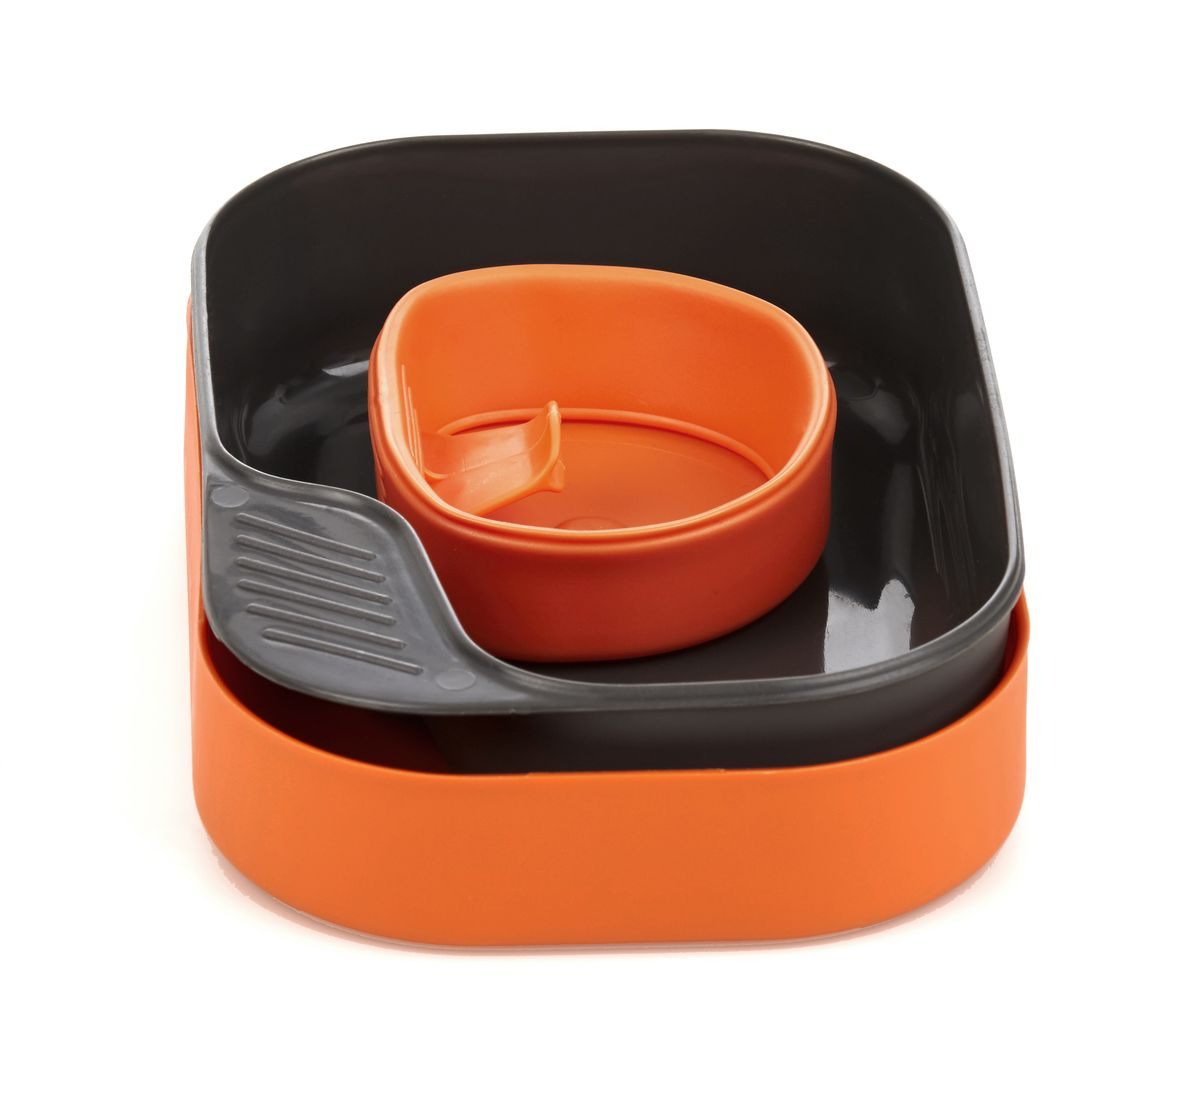 Набор походной посуды Wildo Camp-a-Box Basic, портативный, цвет: оранжевый, 3 предмета wildo